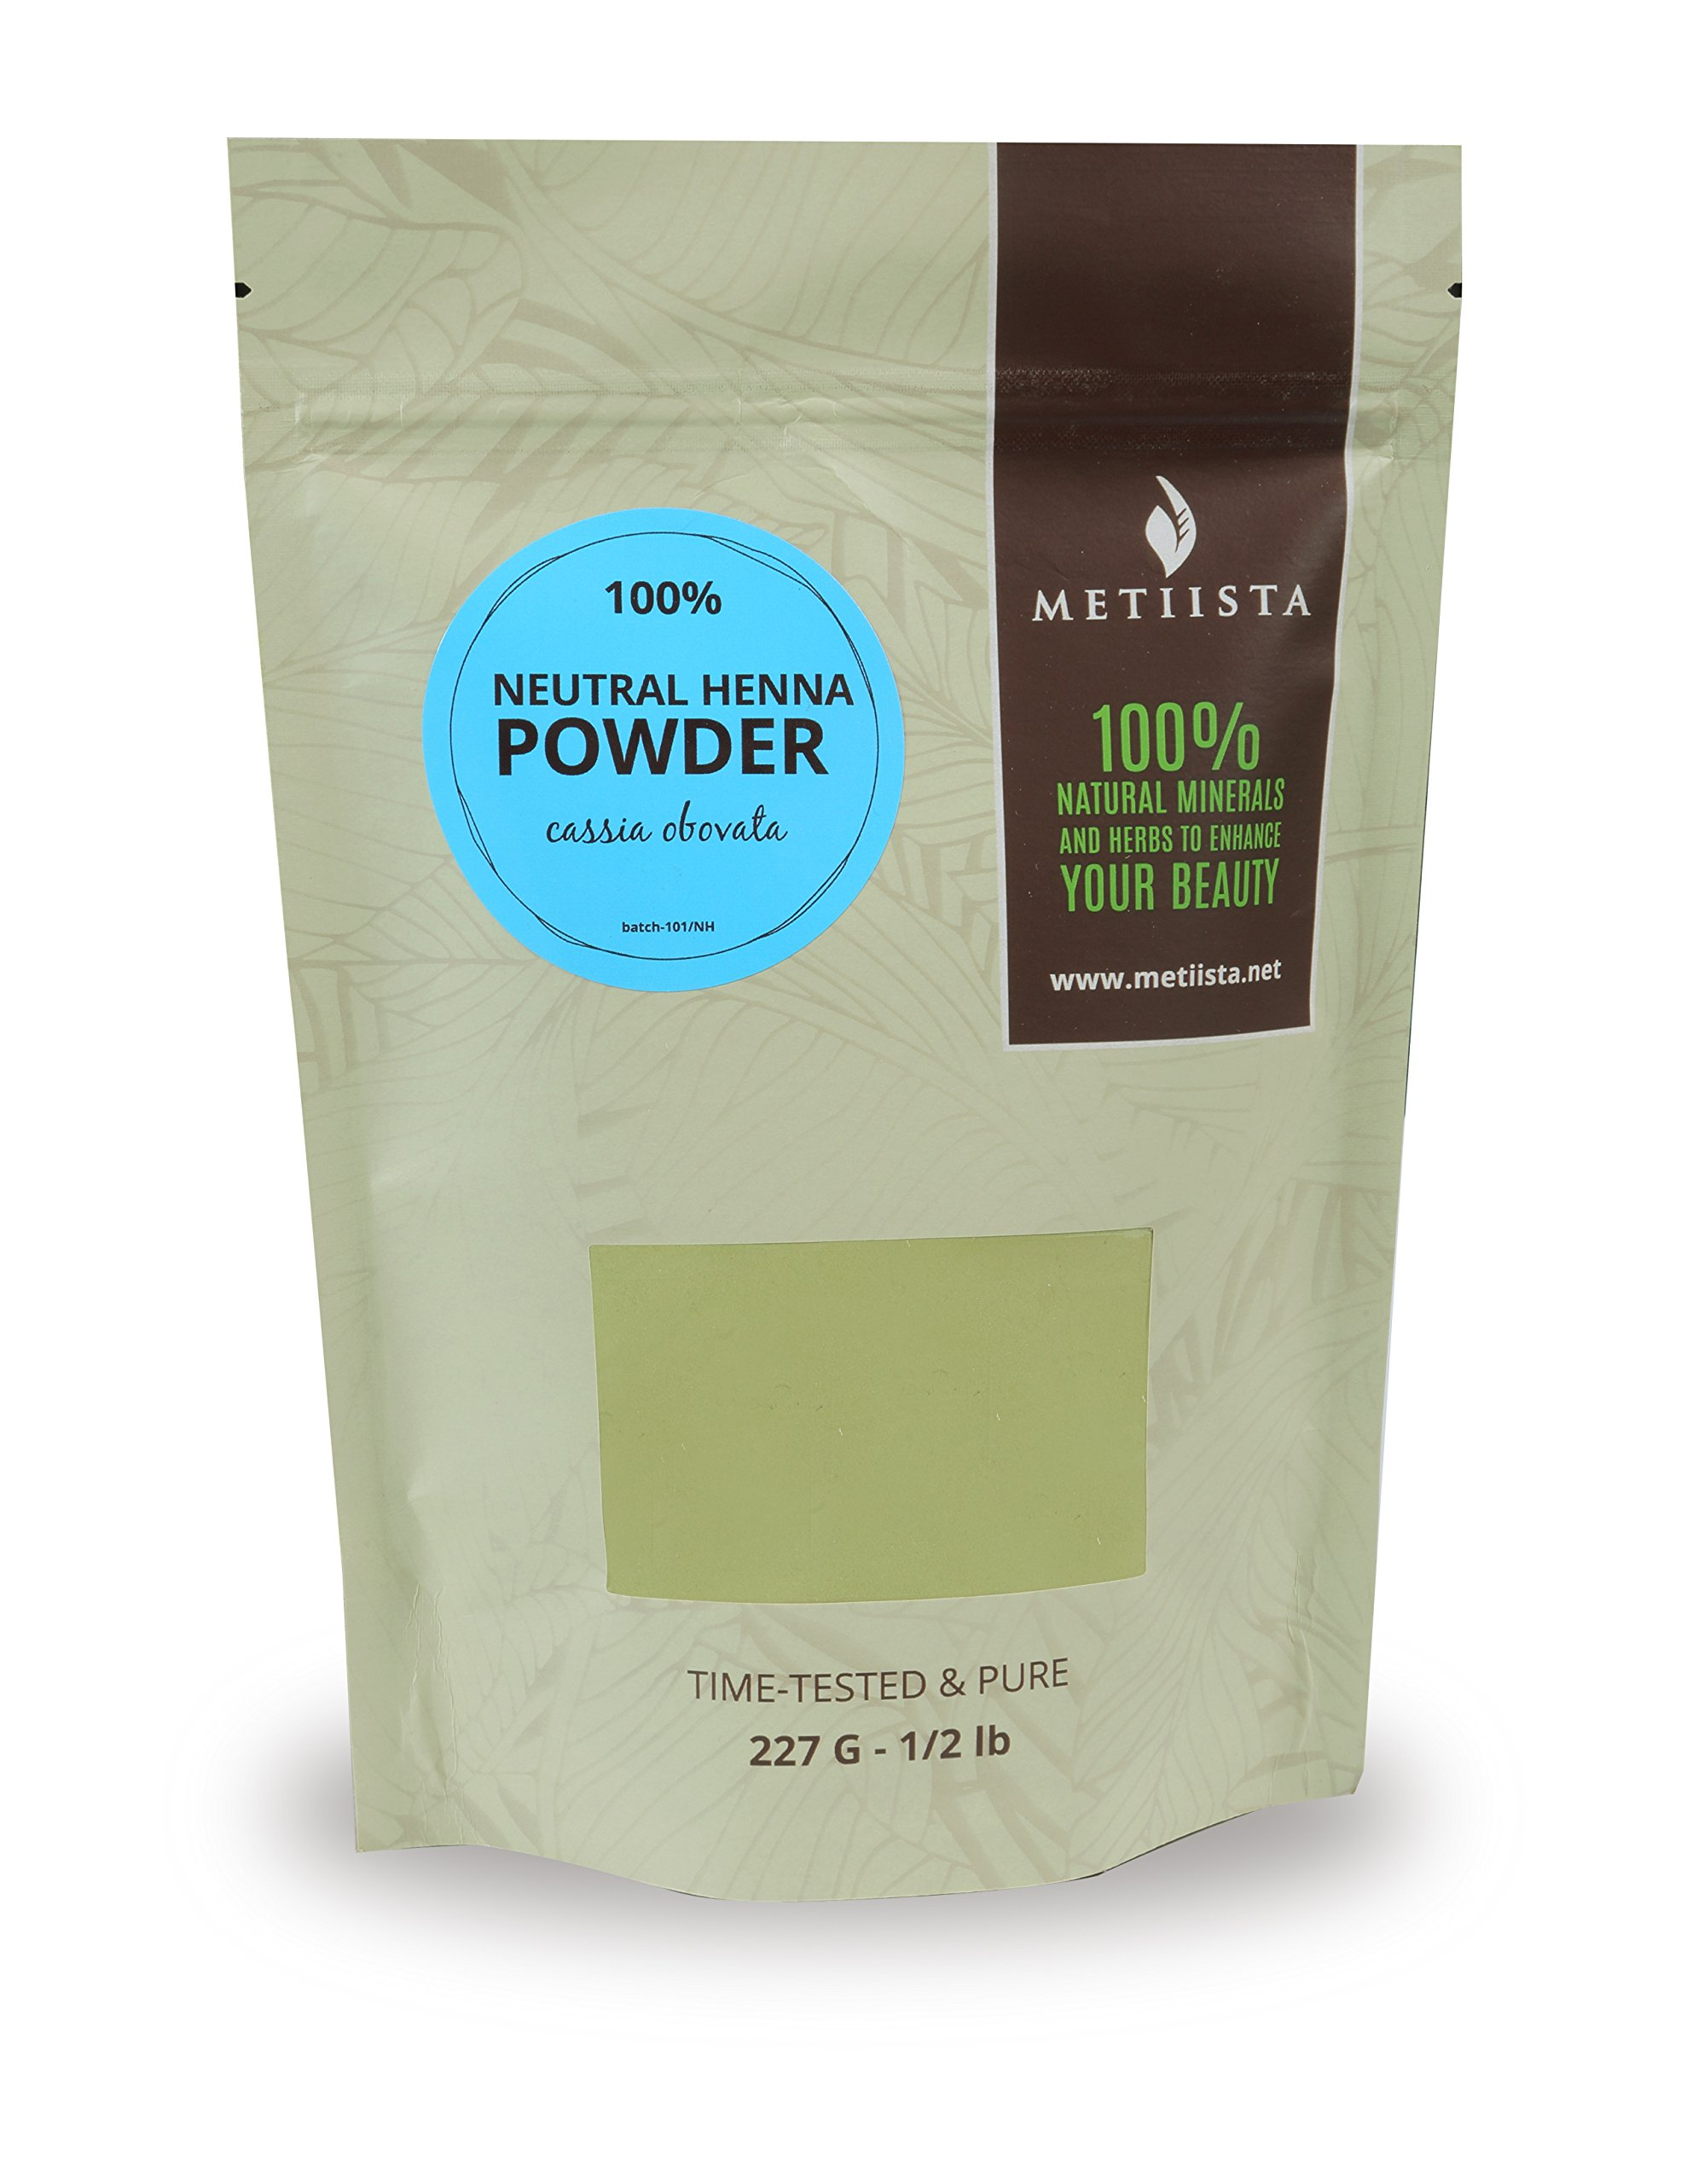 Neutral Henna Powder (Cassia Obovata) (1/2lb)